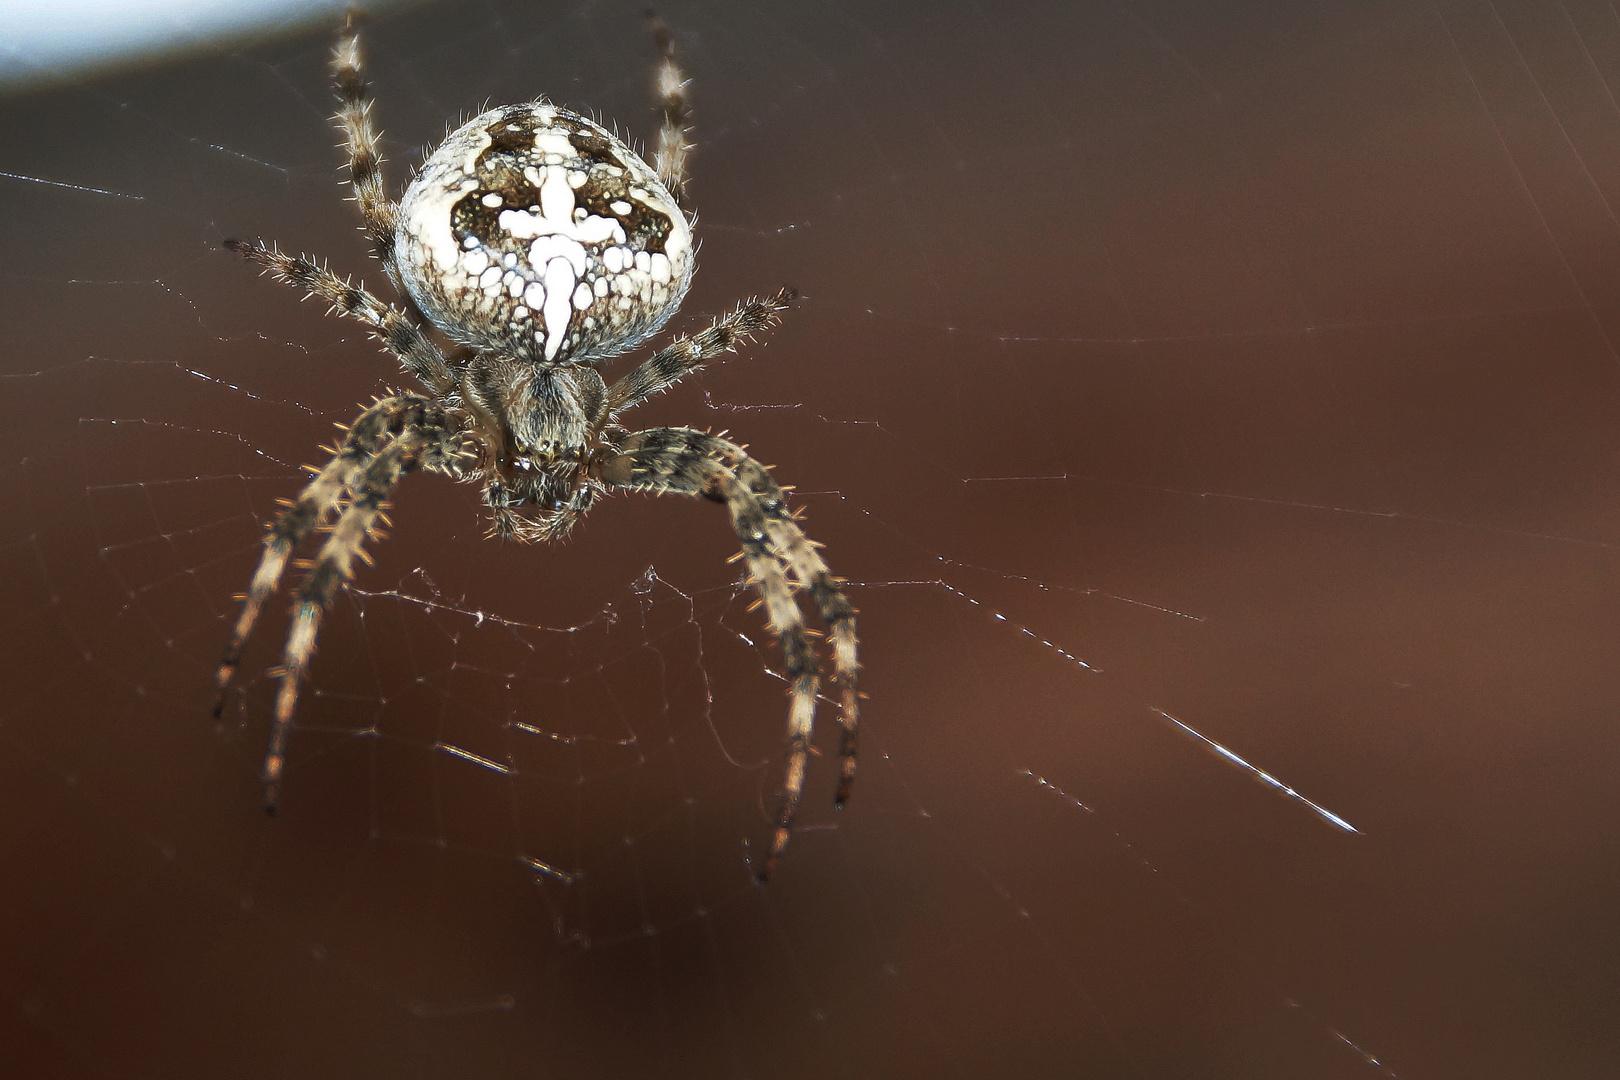 Und täglich grüßt die freundliche Spinne aus der Nachbarschaft ...